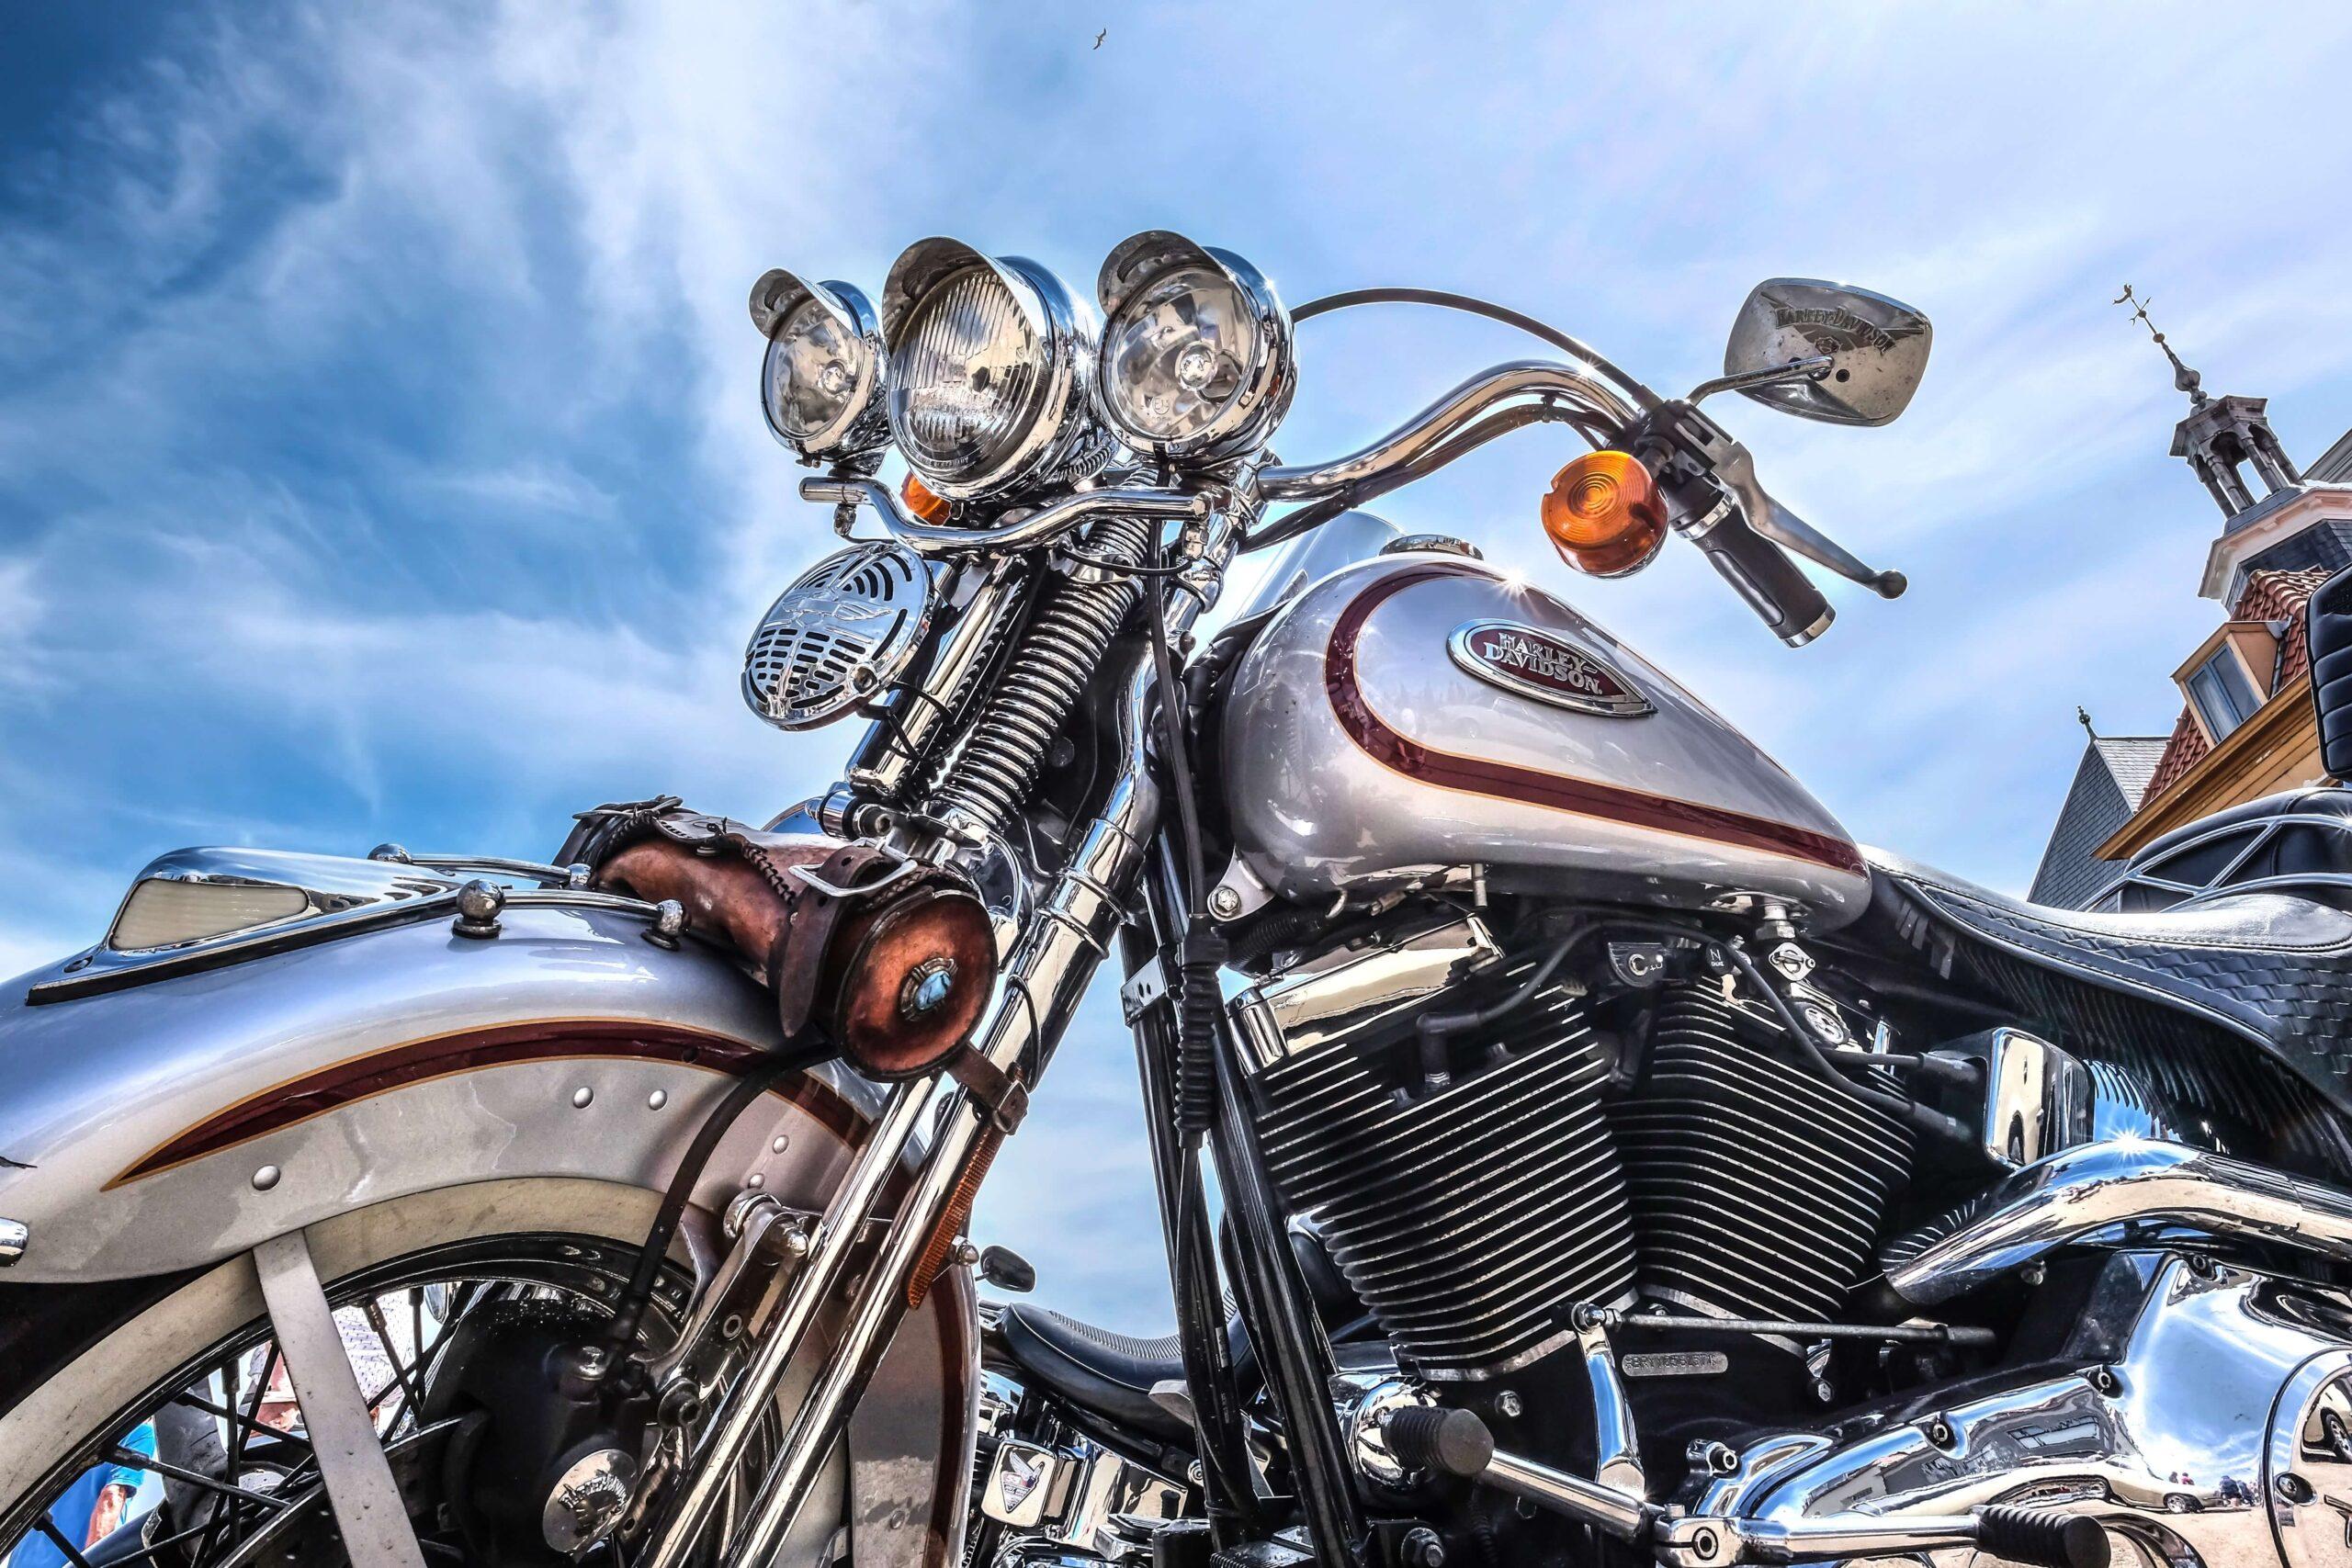 Secure motorcycle storage